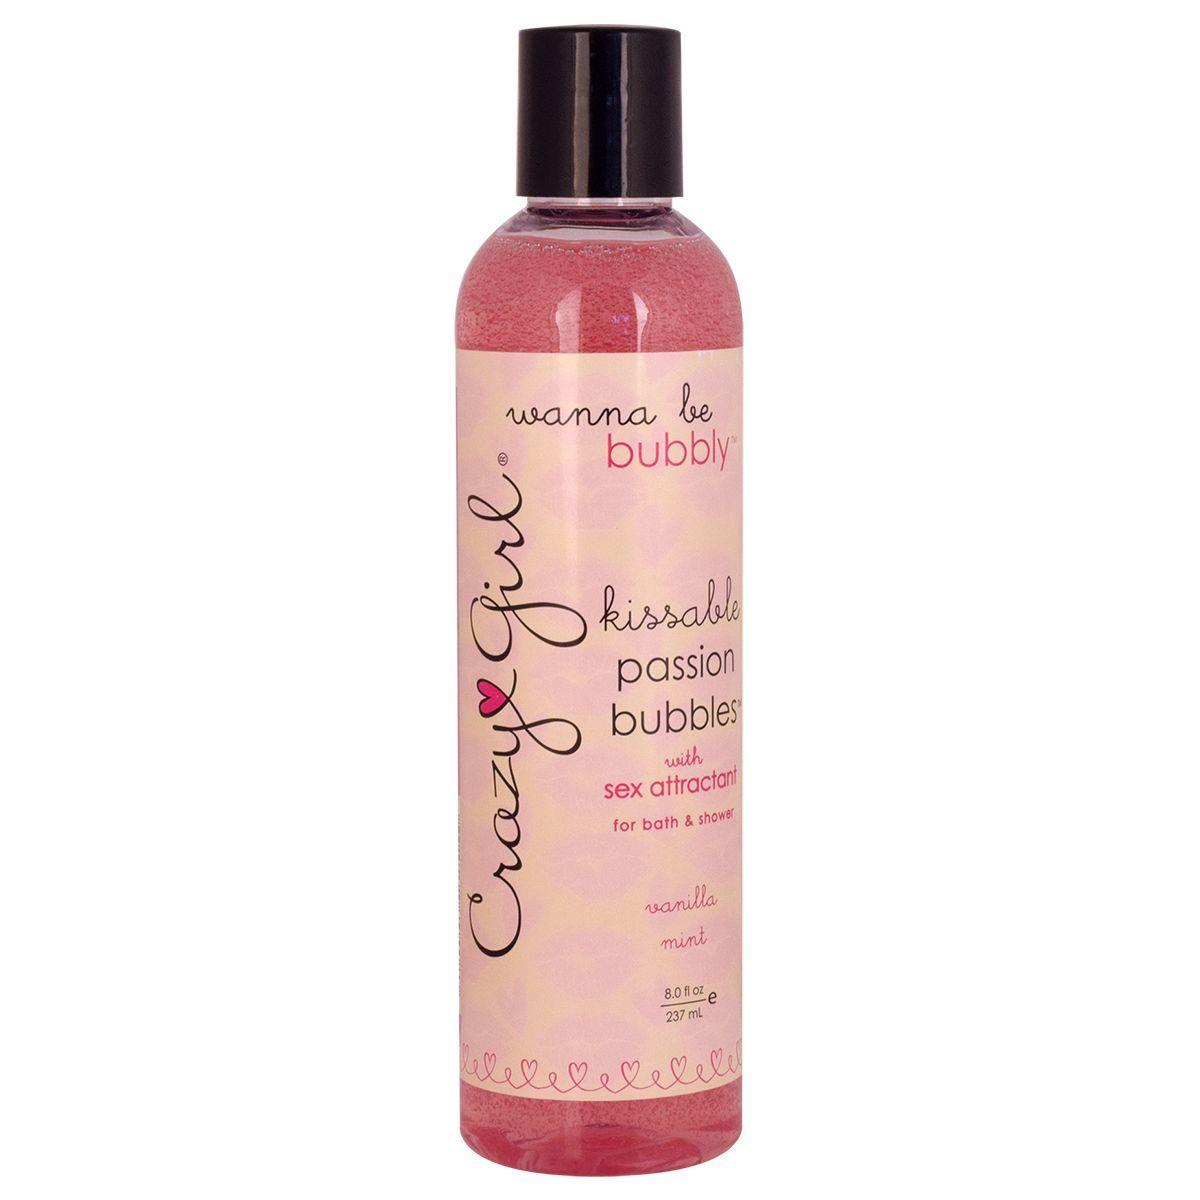 Средства по уходу за телом, косметика: Съедобный гель для душа с феромонами PASSION BUBBLES с ароматом ванили и мяты - 237 мл.